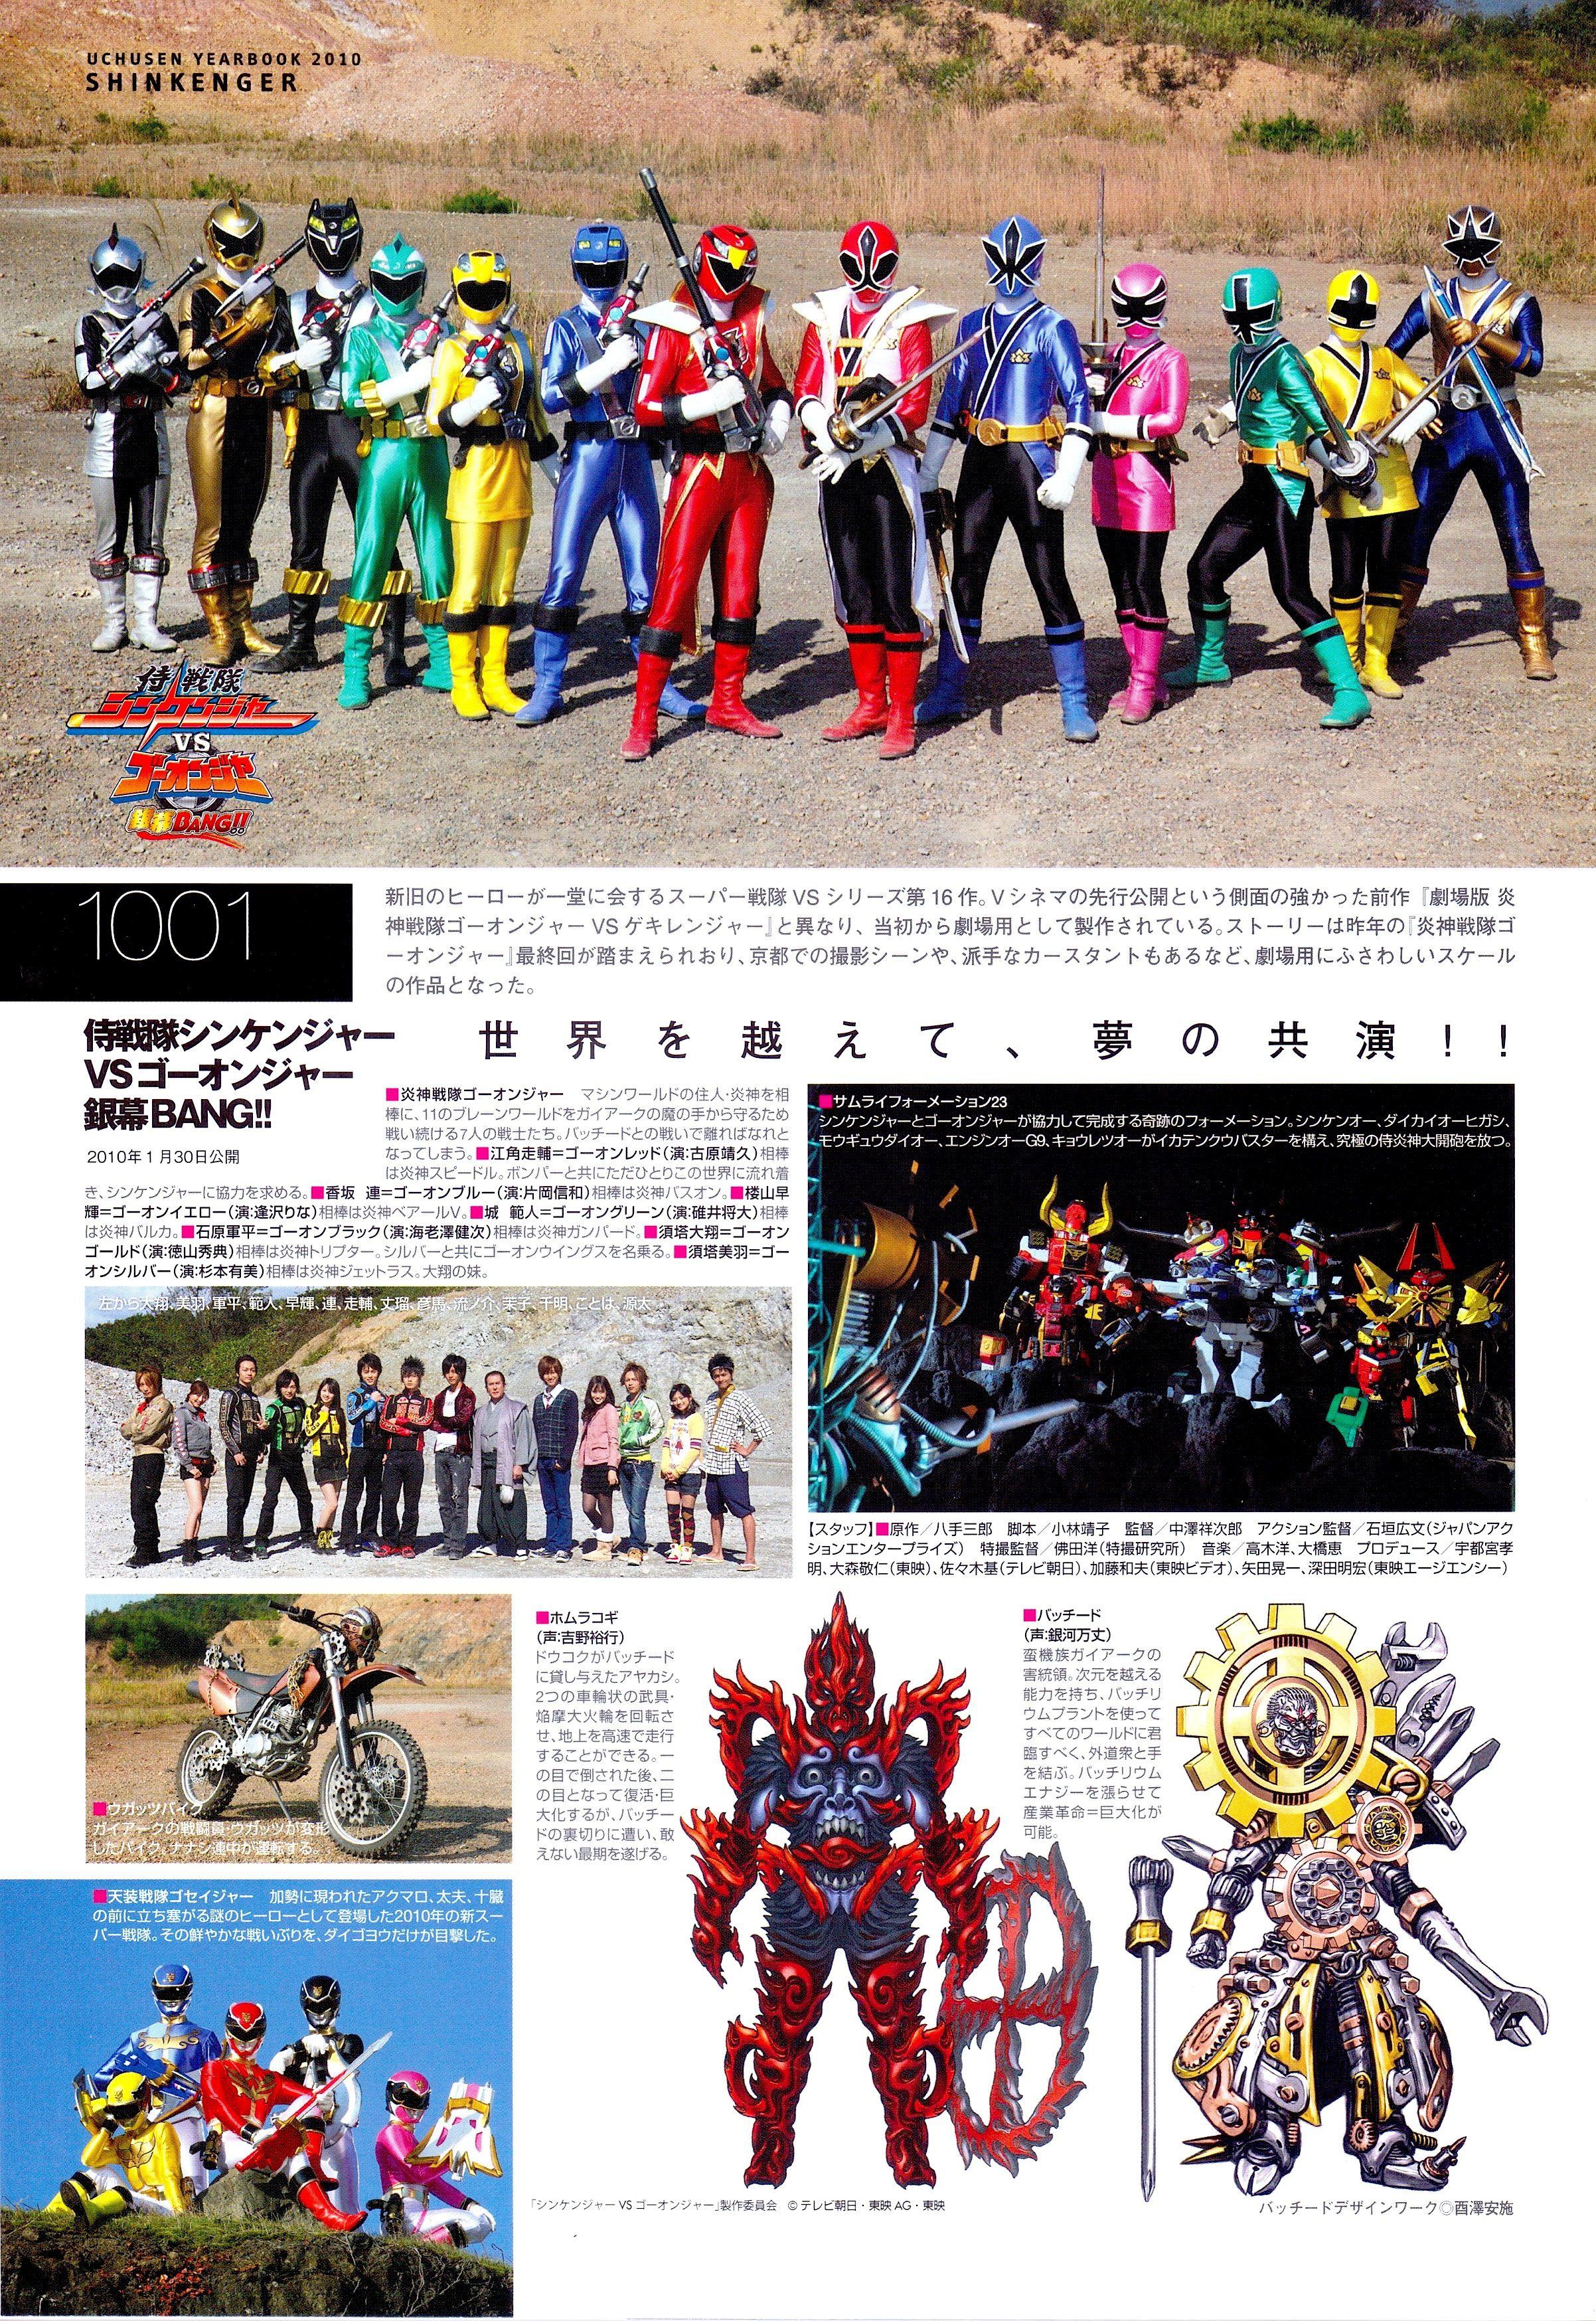 JAPAN Zoids Concept Art 2010